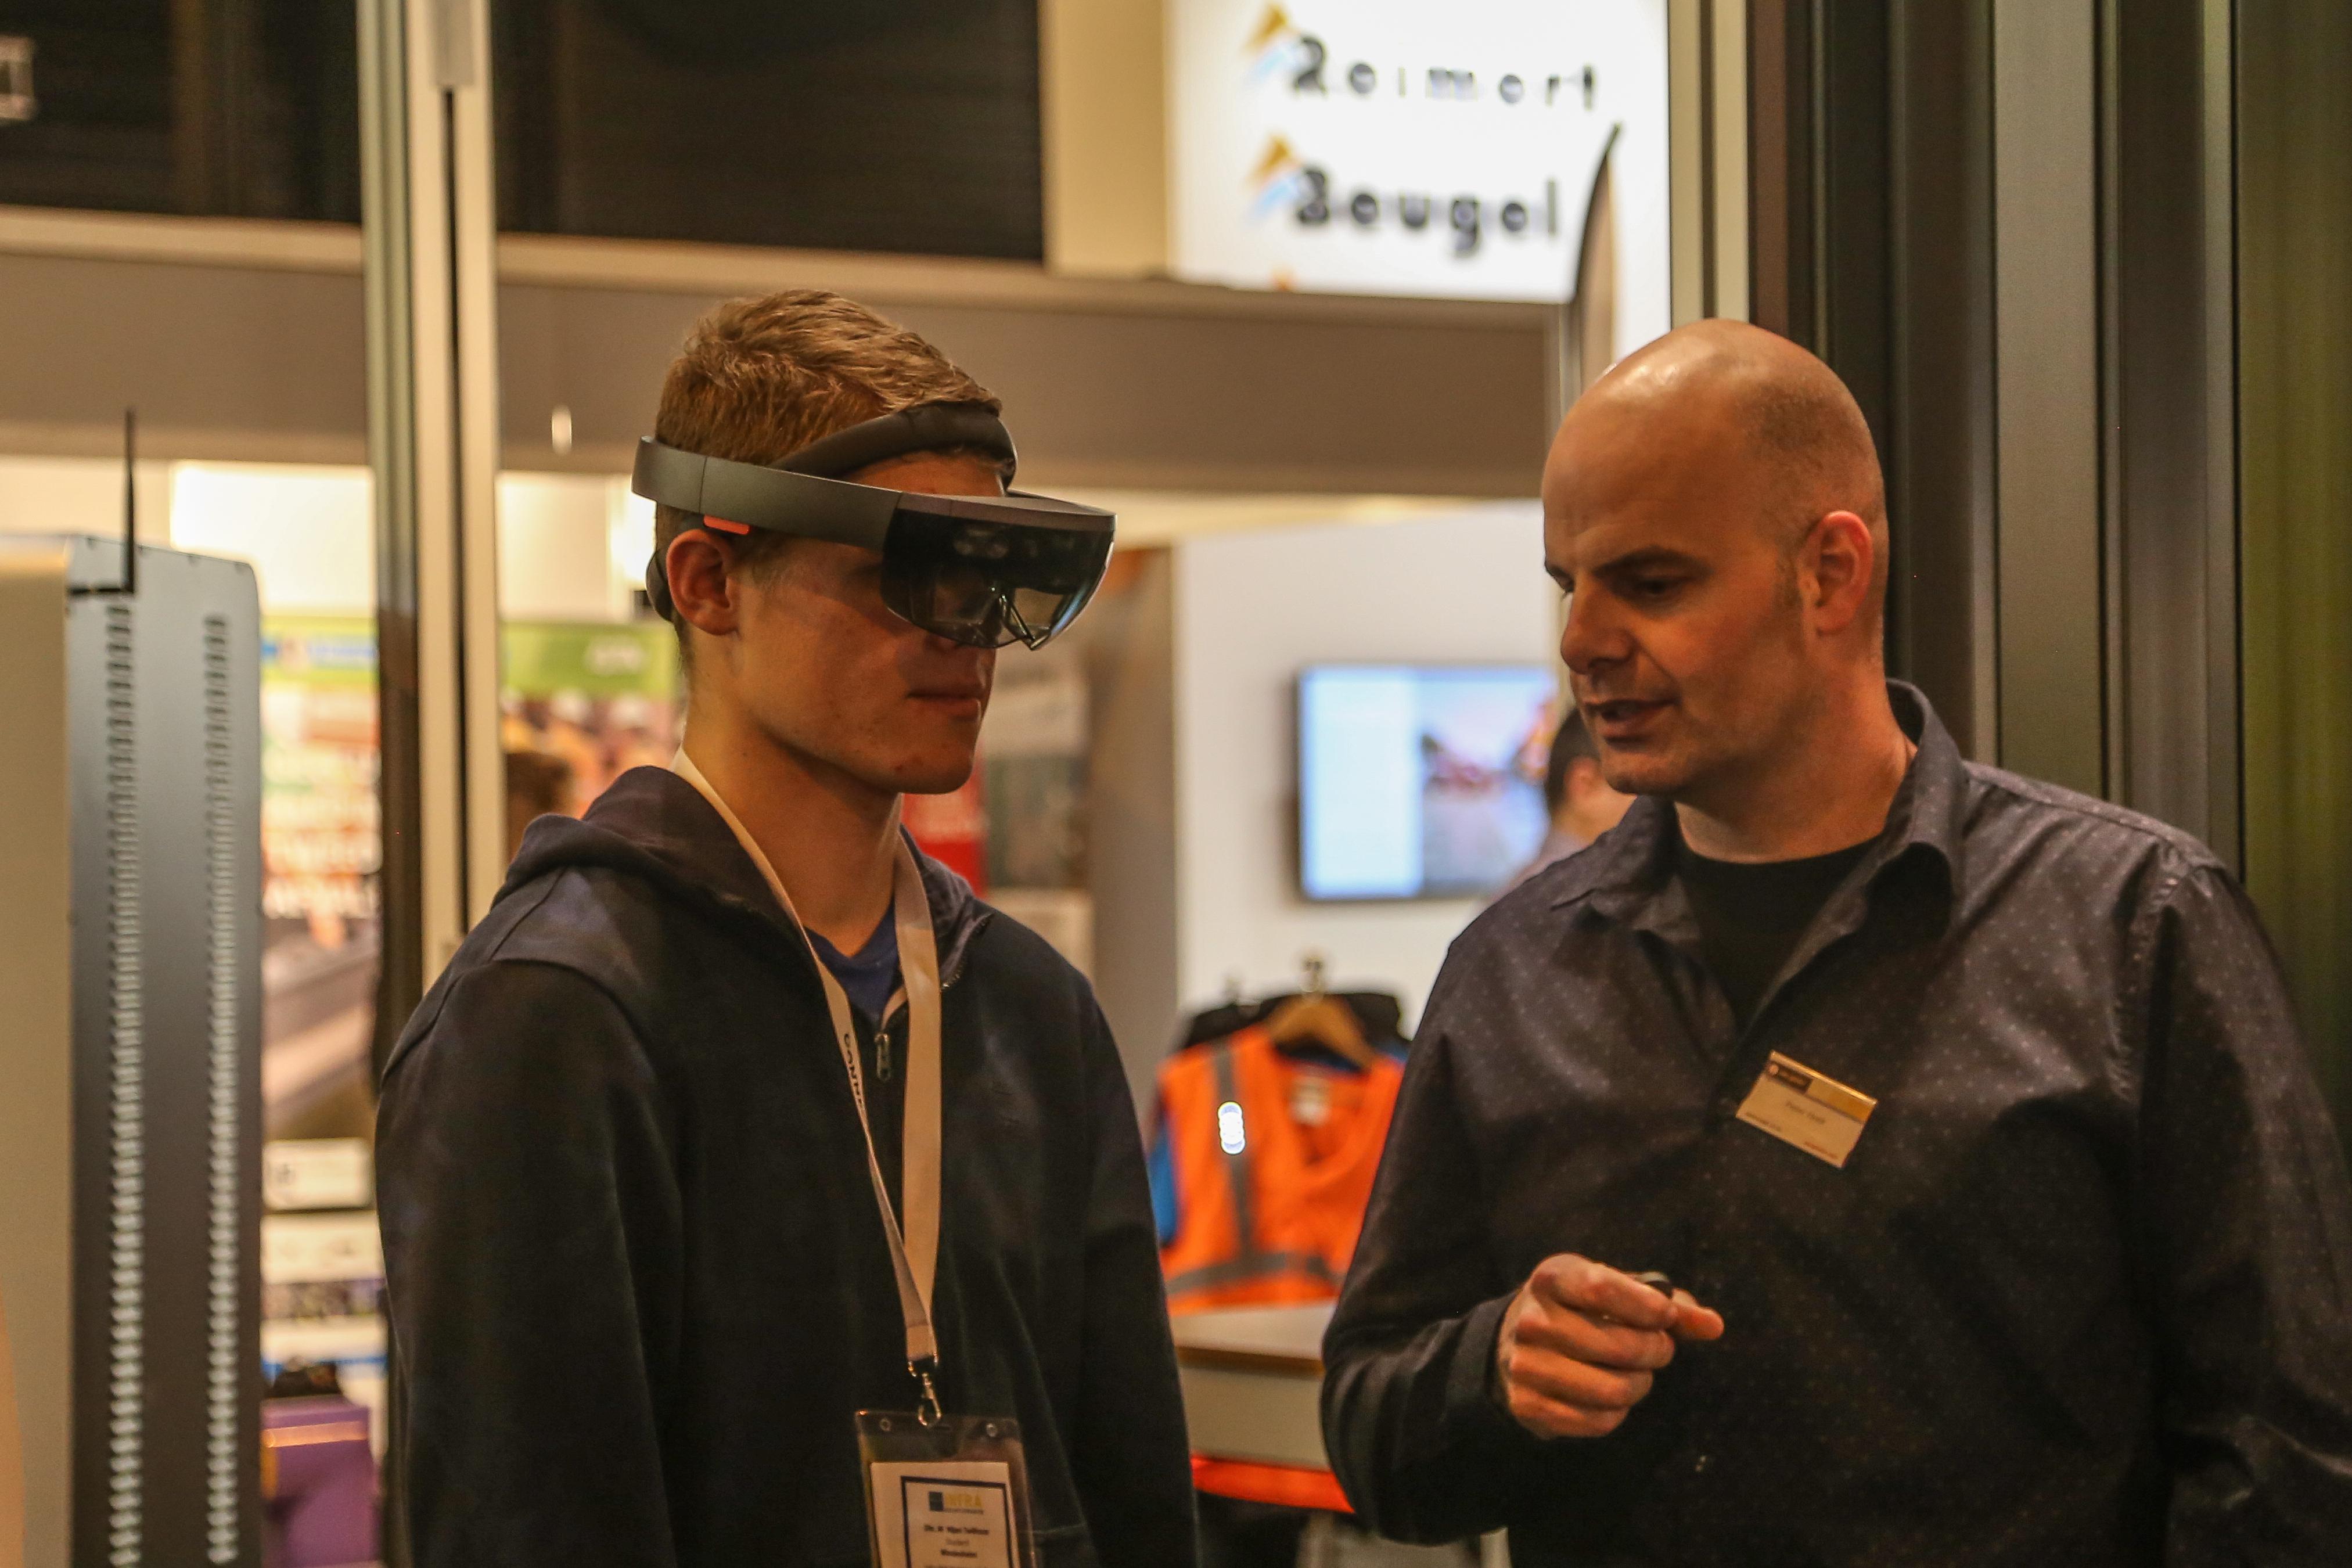 <p>Pieter Hoek van infrabedrijf Van Gelder laat een student zien hoe deze augmented reality-bril werkt. Ook is er een interactieve quiz op de stand. Met Gelderpoort heeft het bedrijf al jaren een eigen opleidingsinstituut. Grote wens is dat mbo'ers hier direct na hun studie zouden kunnen starten, nu mag dat pas vanaf hun 18e jaar.</p>